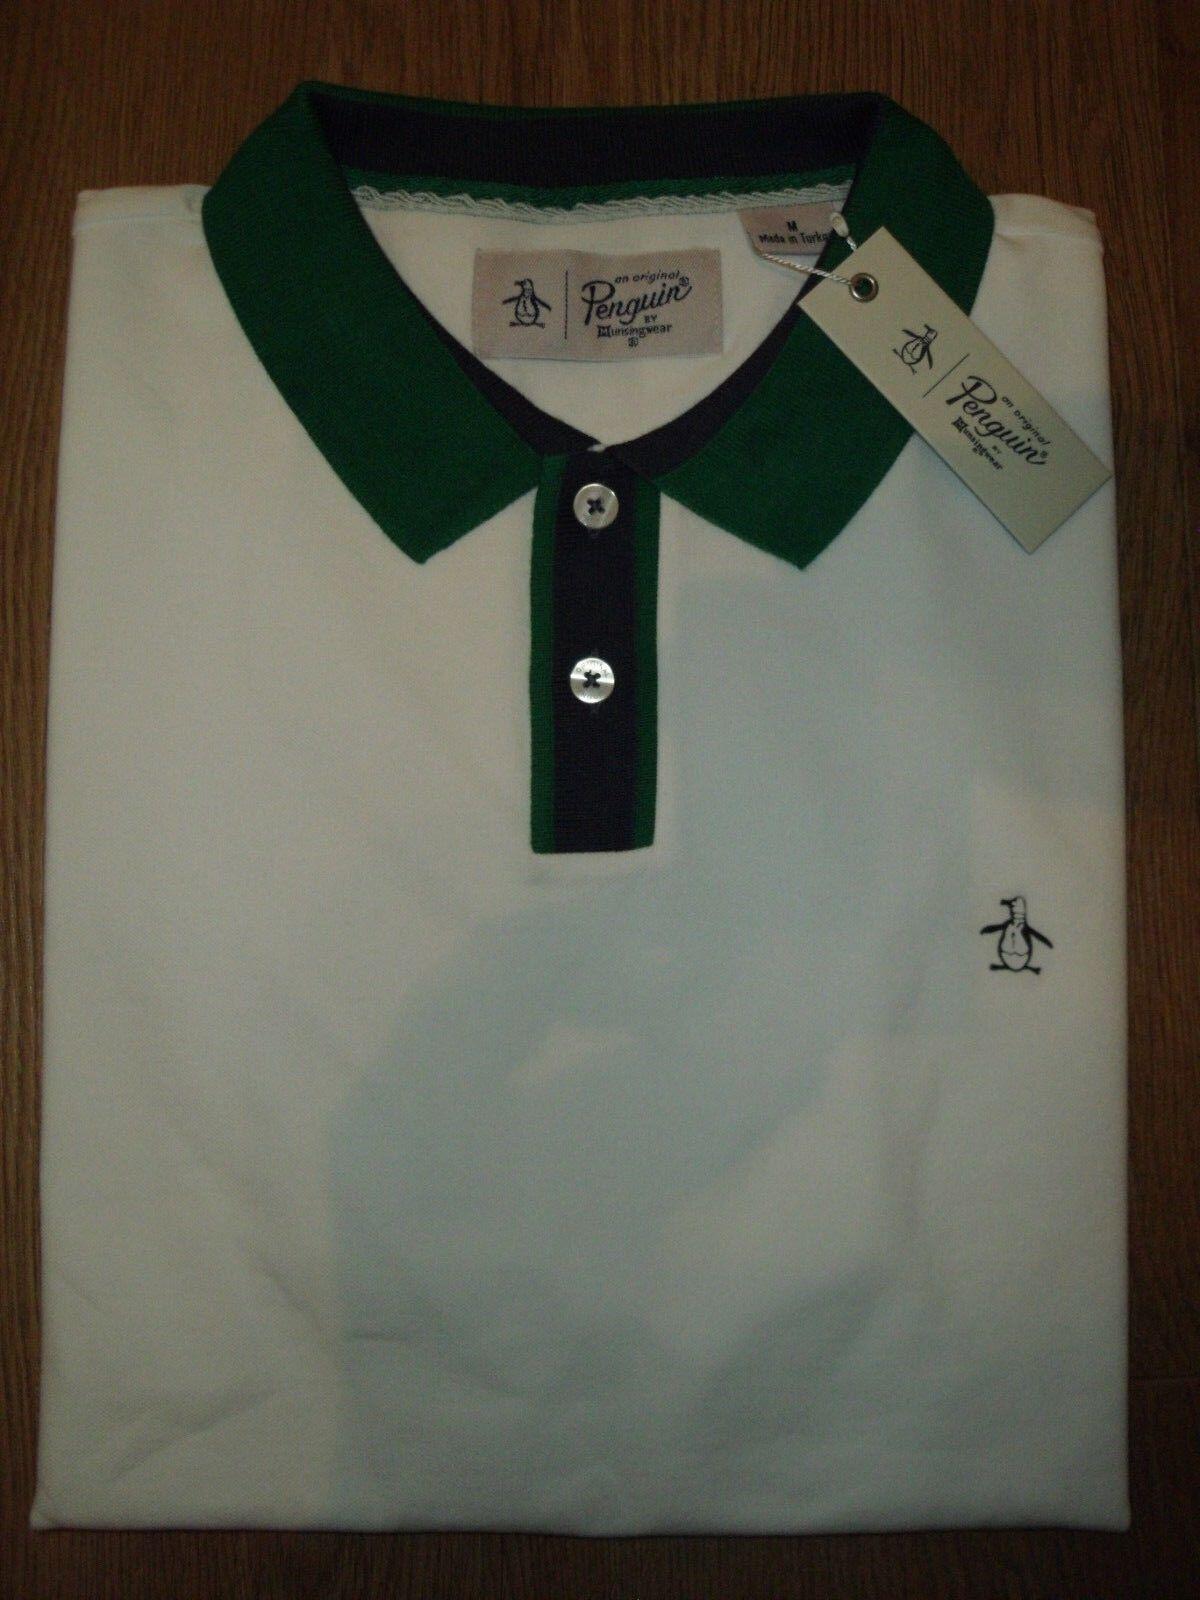 Original Penguin Weiß Contrast Collar Polo Shirt Rubber Logo Regular Fit M New     | Vorzügliche Verarbeitung  | Günstige Bestellung  | Starke Hitze- und Abnutzungsbeständigkeit